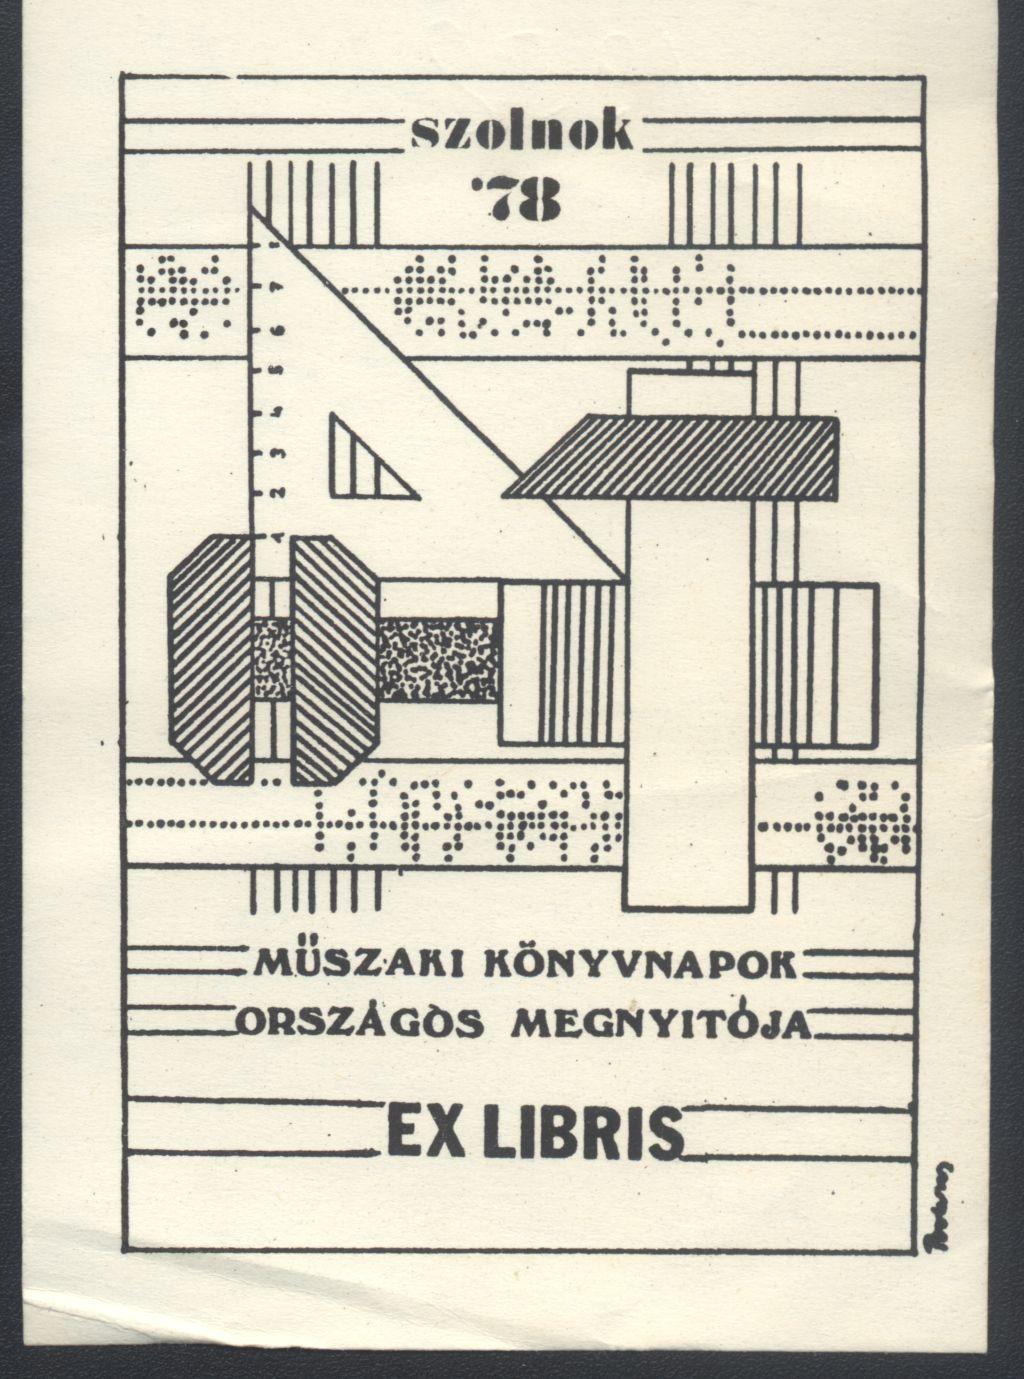 Ex libris - Műszaki Könyvnapok Országos Megnyitója